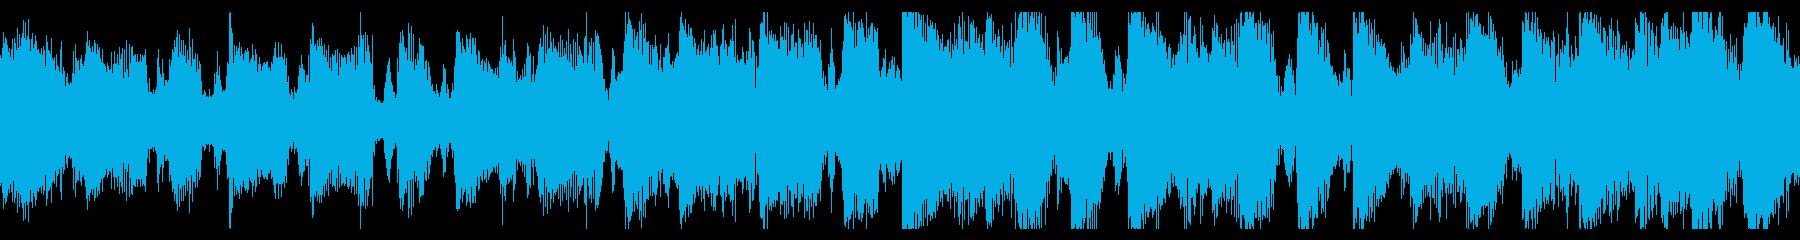 パワフルなエレクトロポップの再生済みの波形